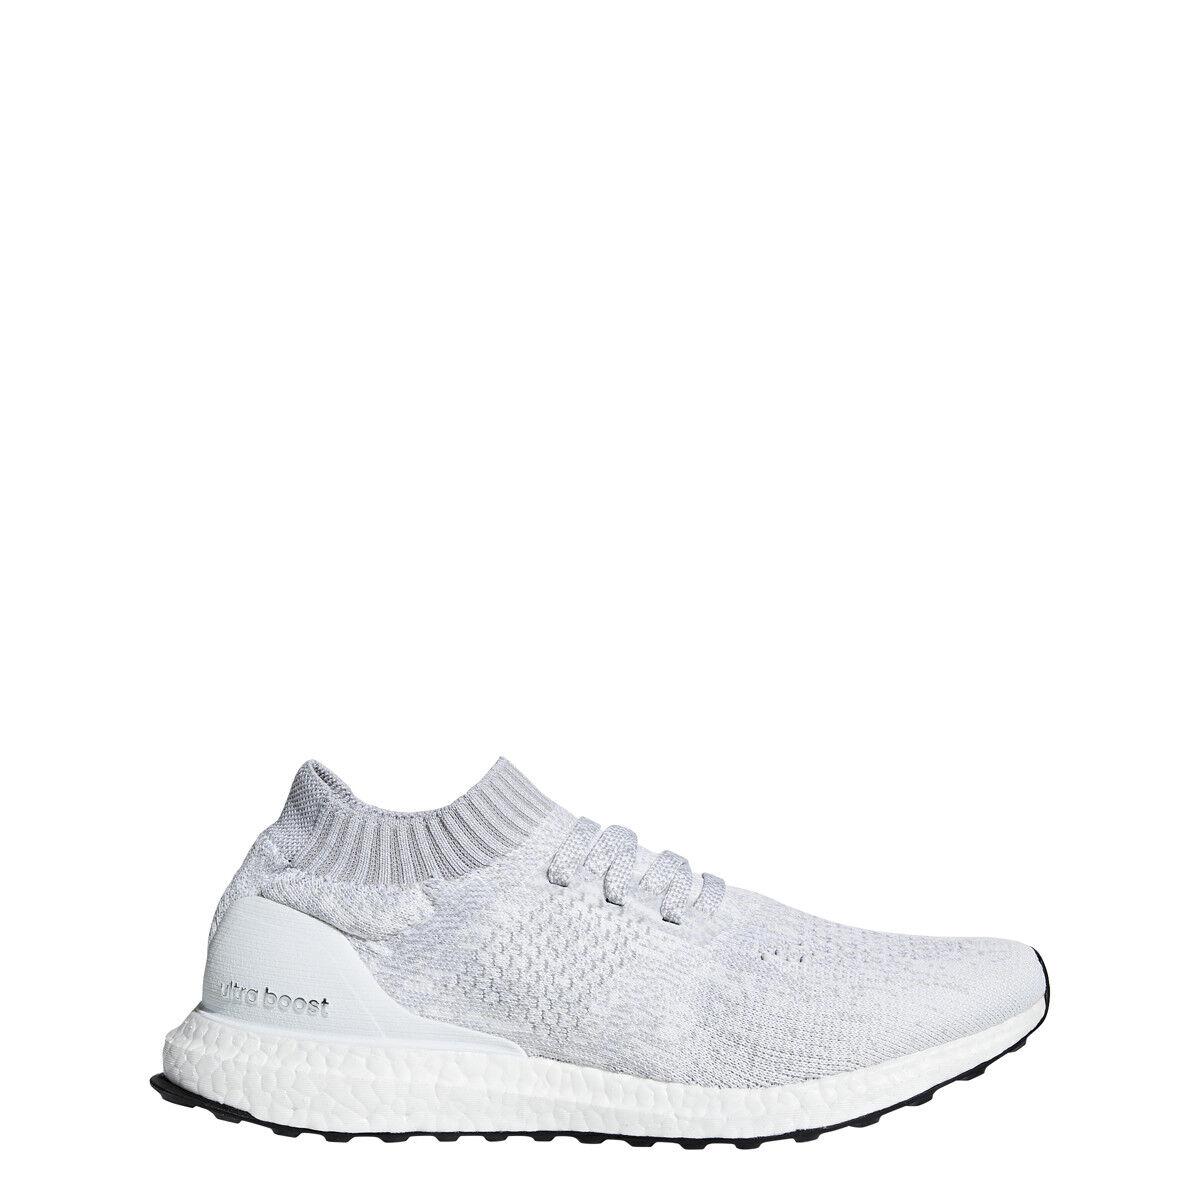 [Adidas] BB6078 NEMEZIZ 17.1 FG Firm Ground Football Soccer chaussures